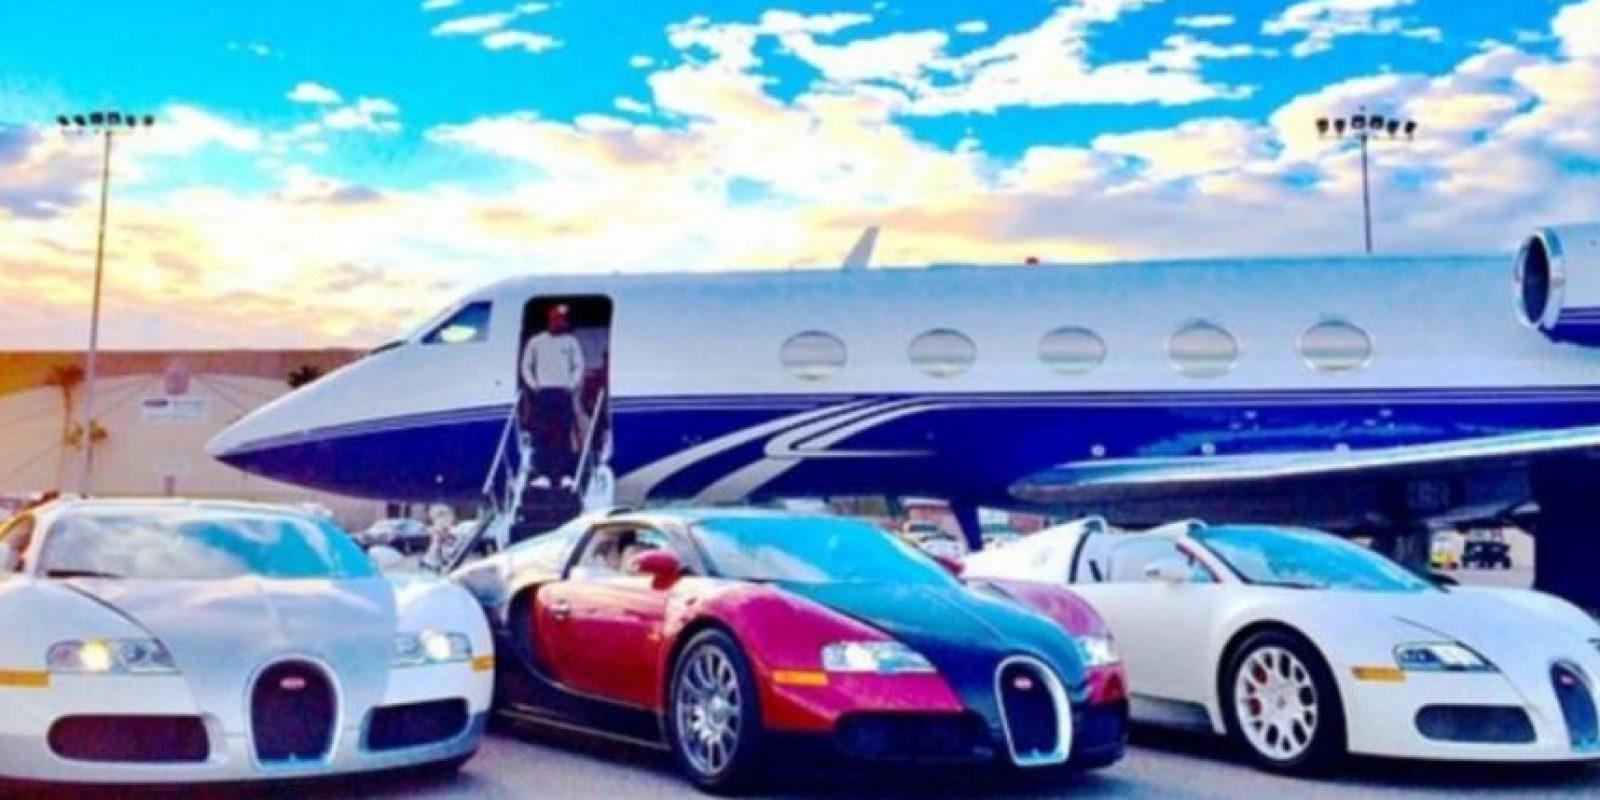 También es dueño de un jet privado. Foto:instagram.com/FloydMayweather